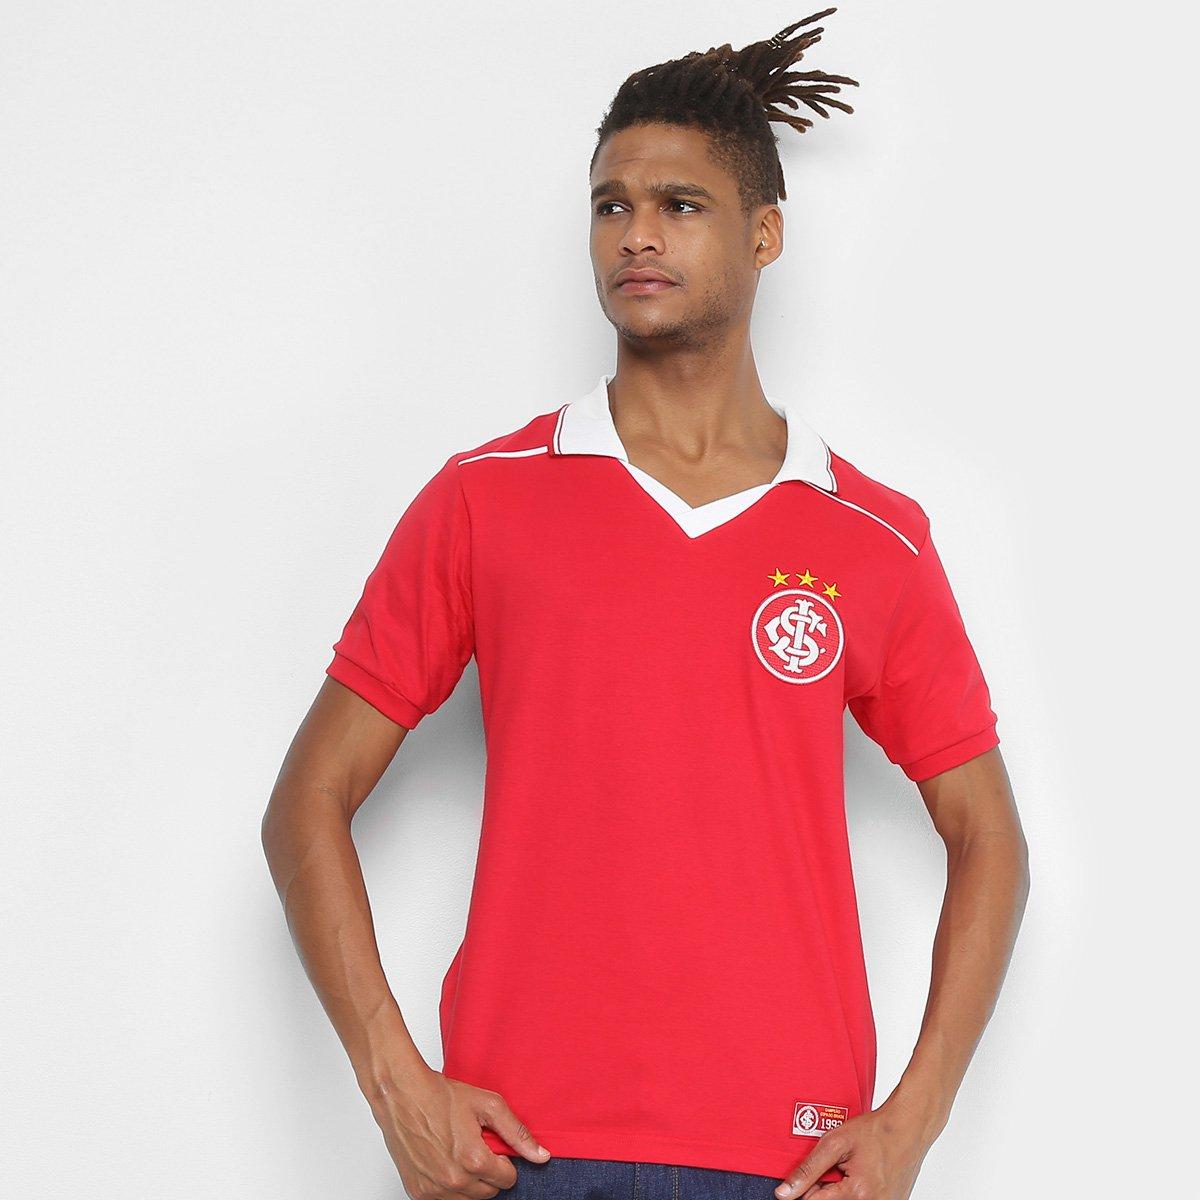 Camiseta Internacional Retrô Mania 1992 Masculina - Vermelho ... e15cbf09803d5